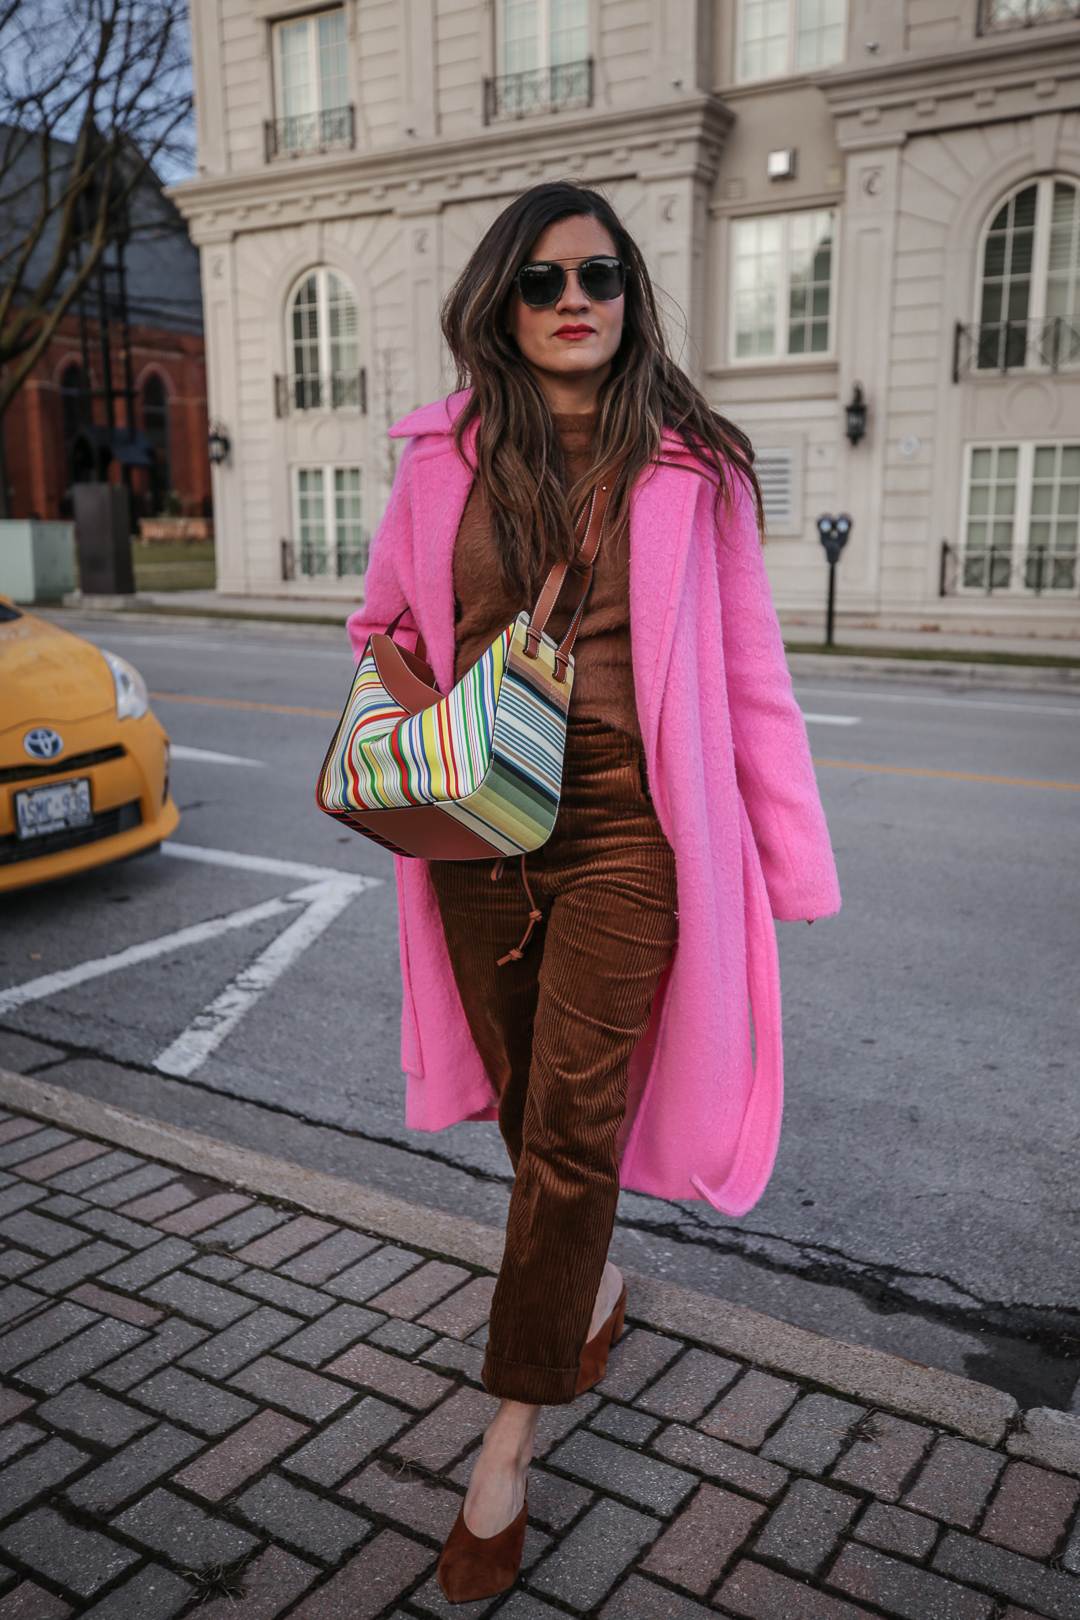 Nathalie Martin wearing Helmut Lang pink belt tie wool coat, brown corduroy pants, Zara brown textured sweater, Prada brown suede mules, Loewe striped Hammock bag, Bonlook Class sunglasses, street style, woahstyle.com_5165.jpg